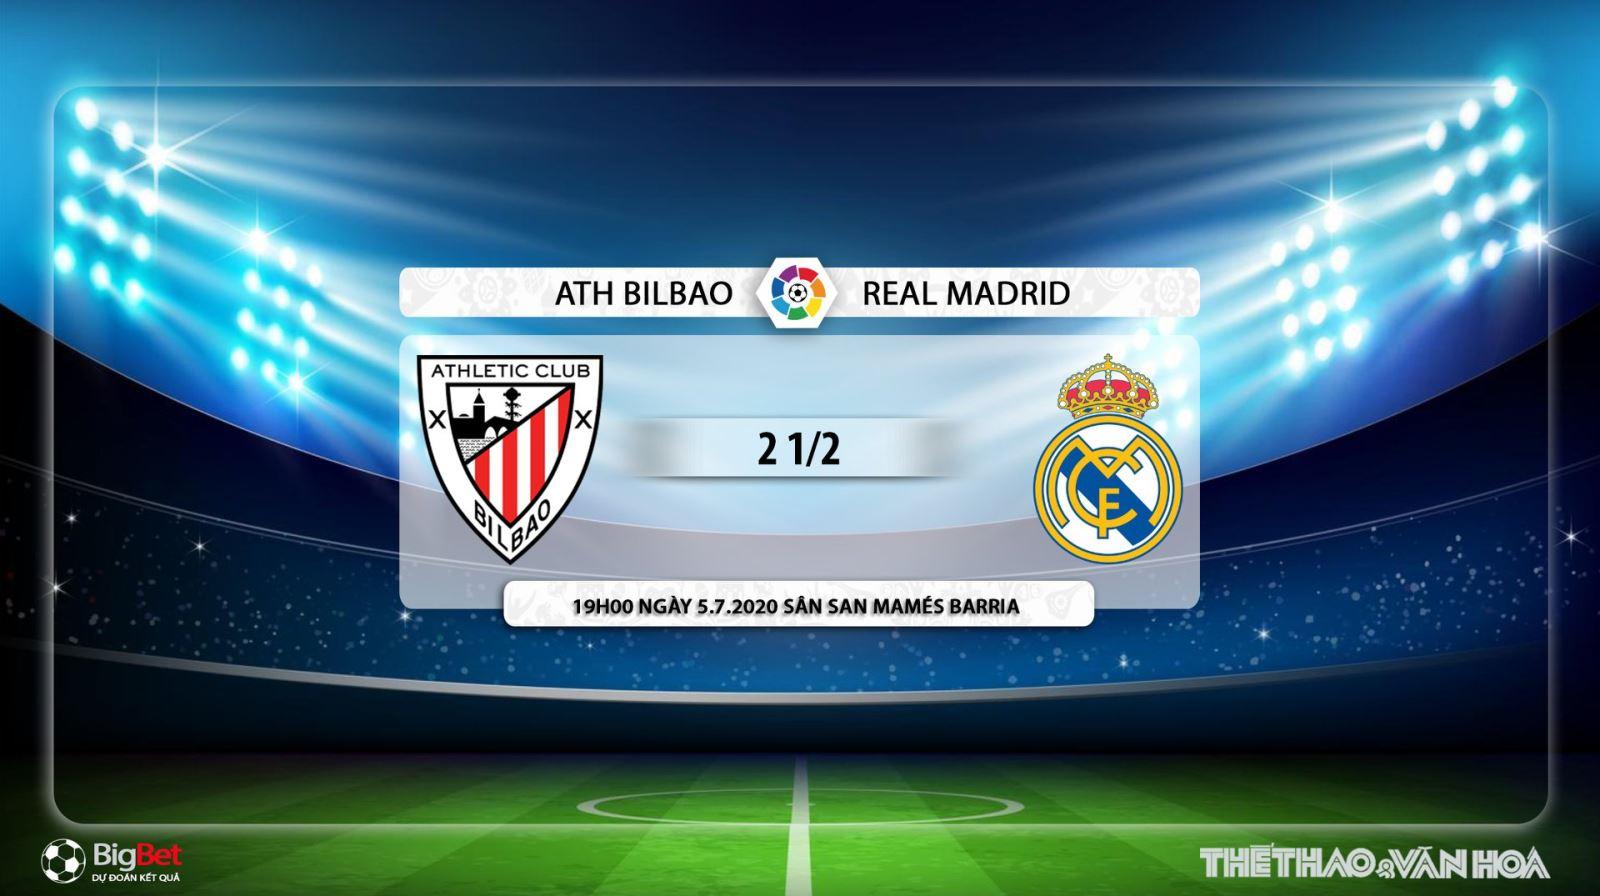 Athletic Bilbao vs Real Madrid, bóng đá, bong da, soi kèo, kèo bóng đá, nhận định, dự đoán